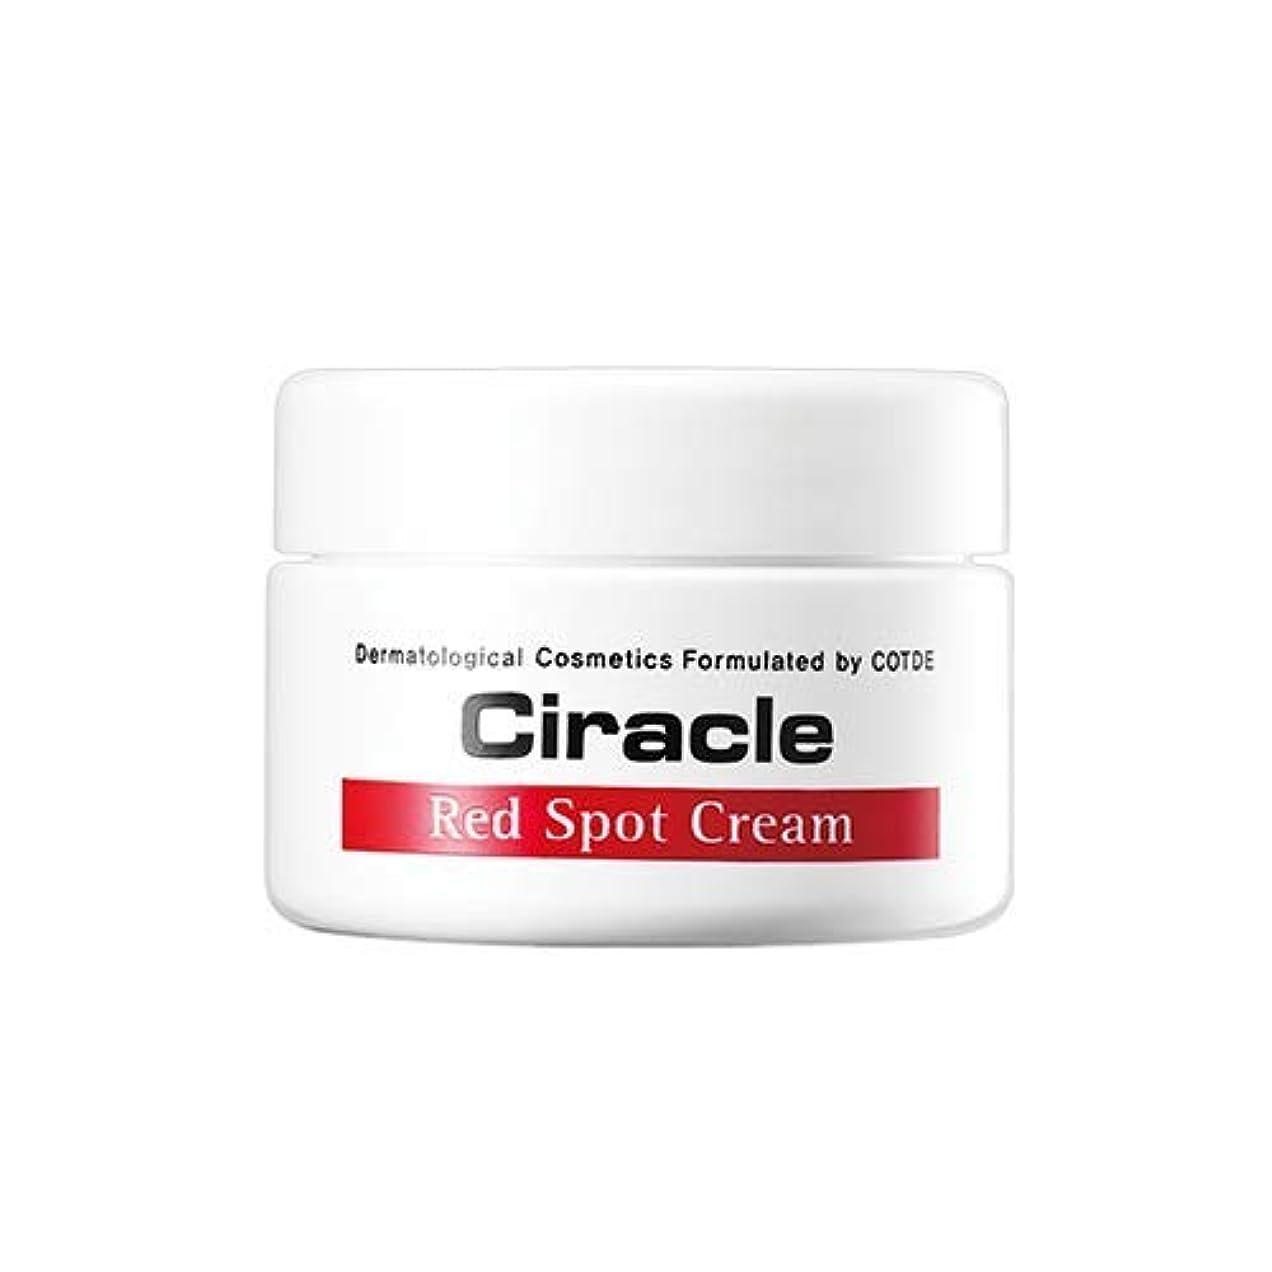 概要矢コンサルタントCiracle Red Spot Cream 30ml Trouble Skin Beauty Product by Skin Product [並行輸入品]